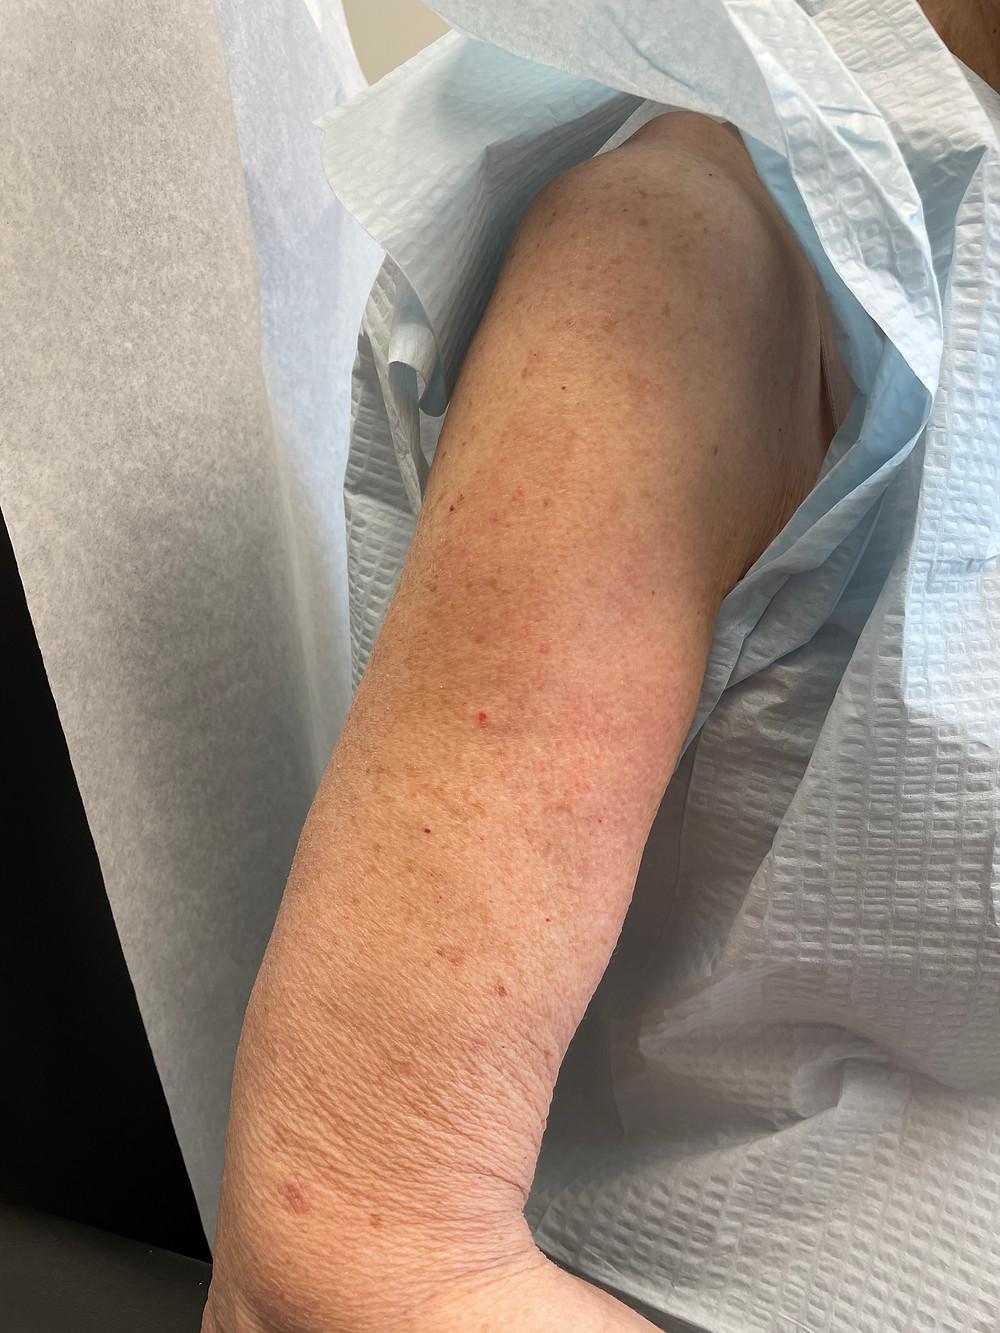 COVID arm rash